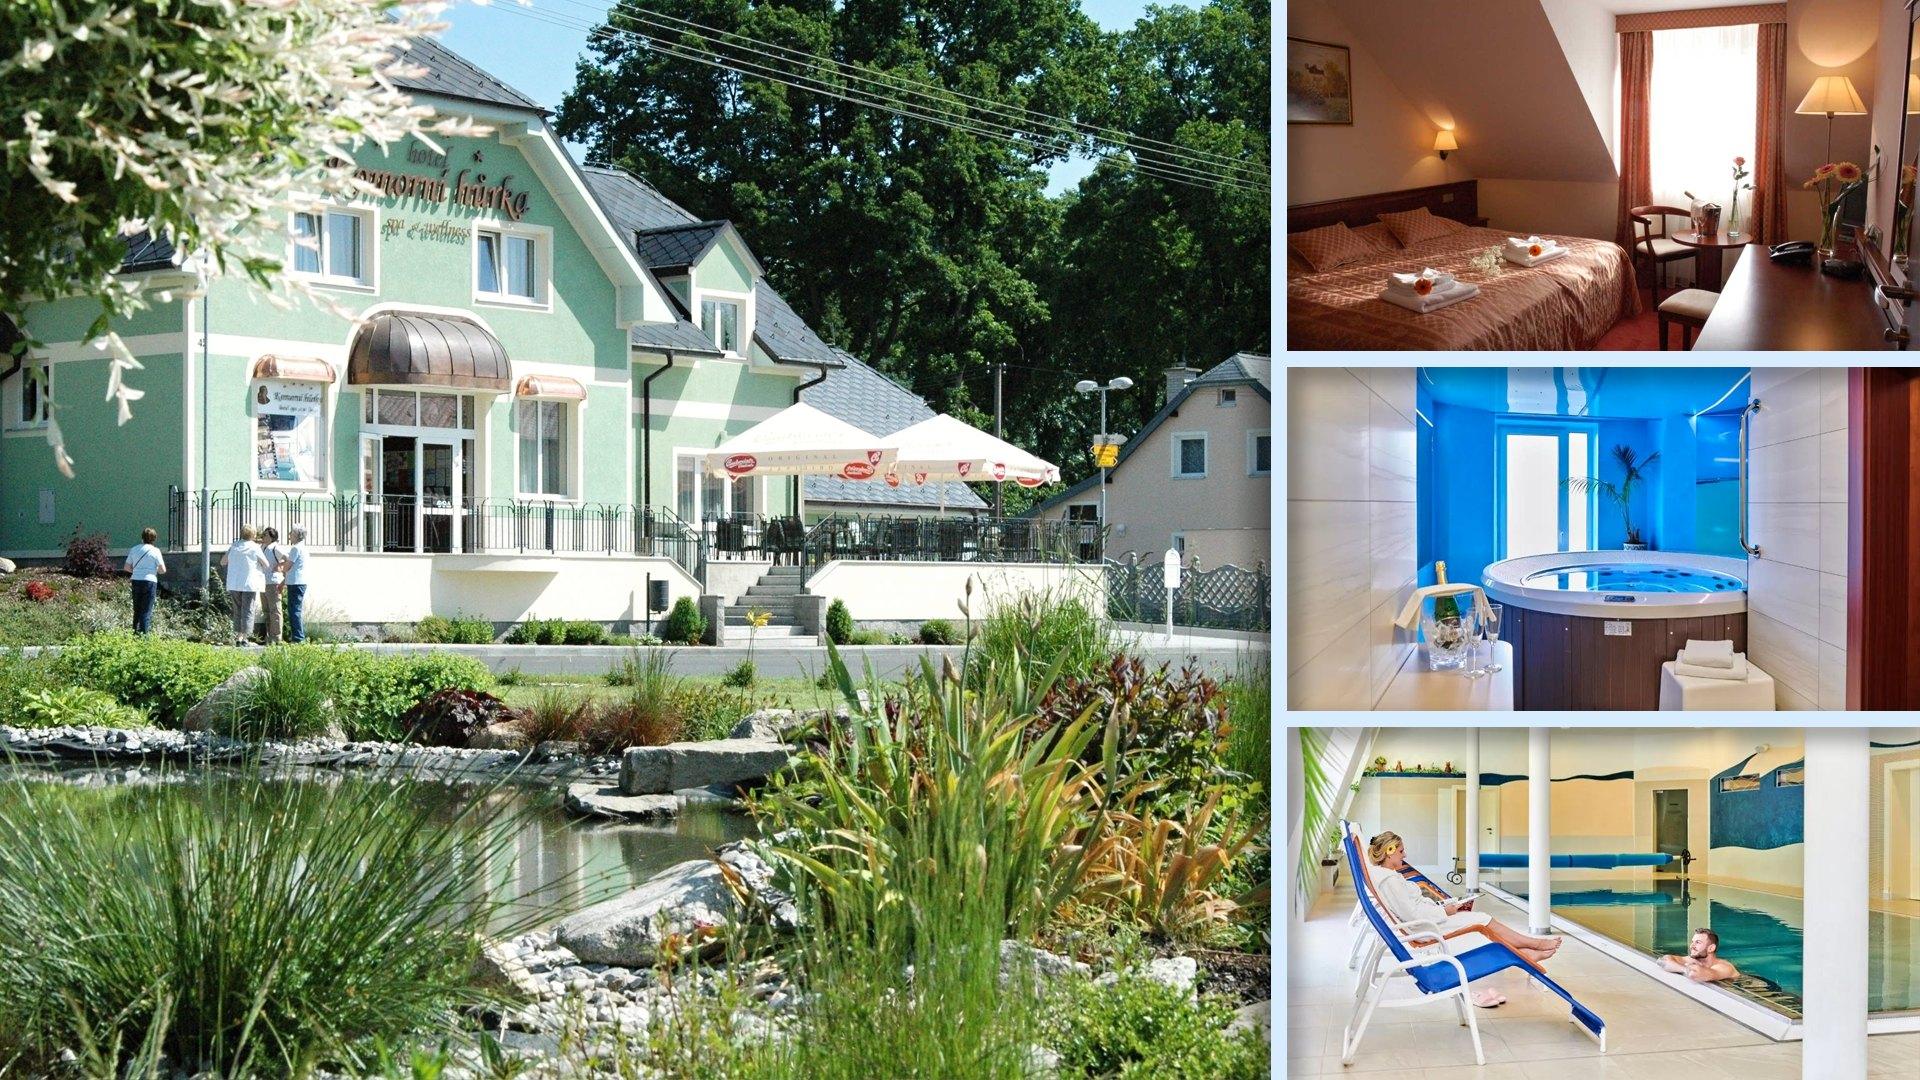 Komorní Hůrka - Moderní hotel s výbornými službami blízko Františkových Lázní